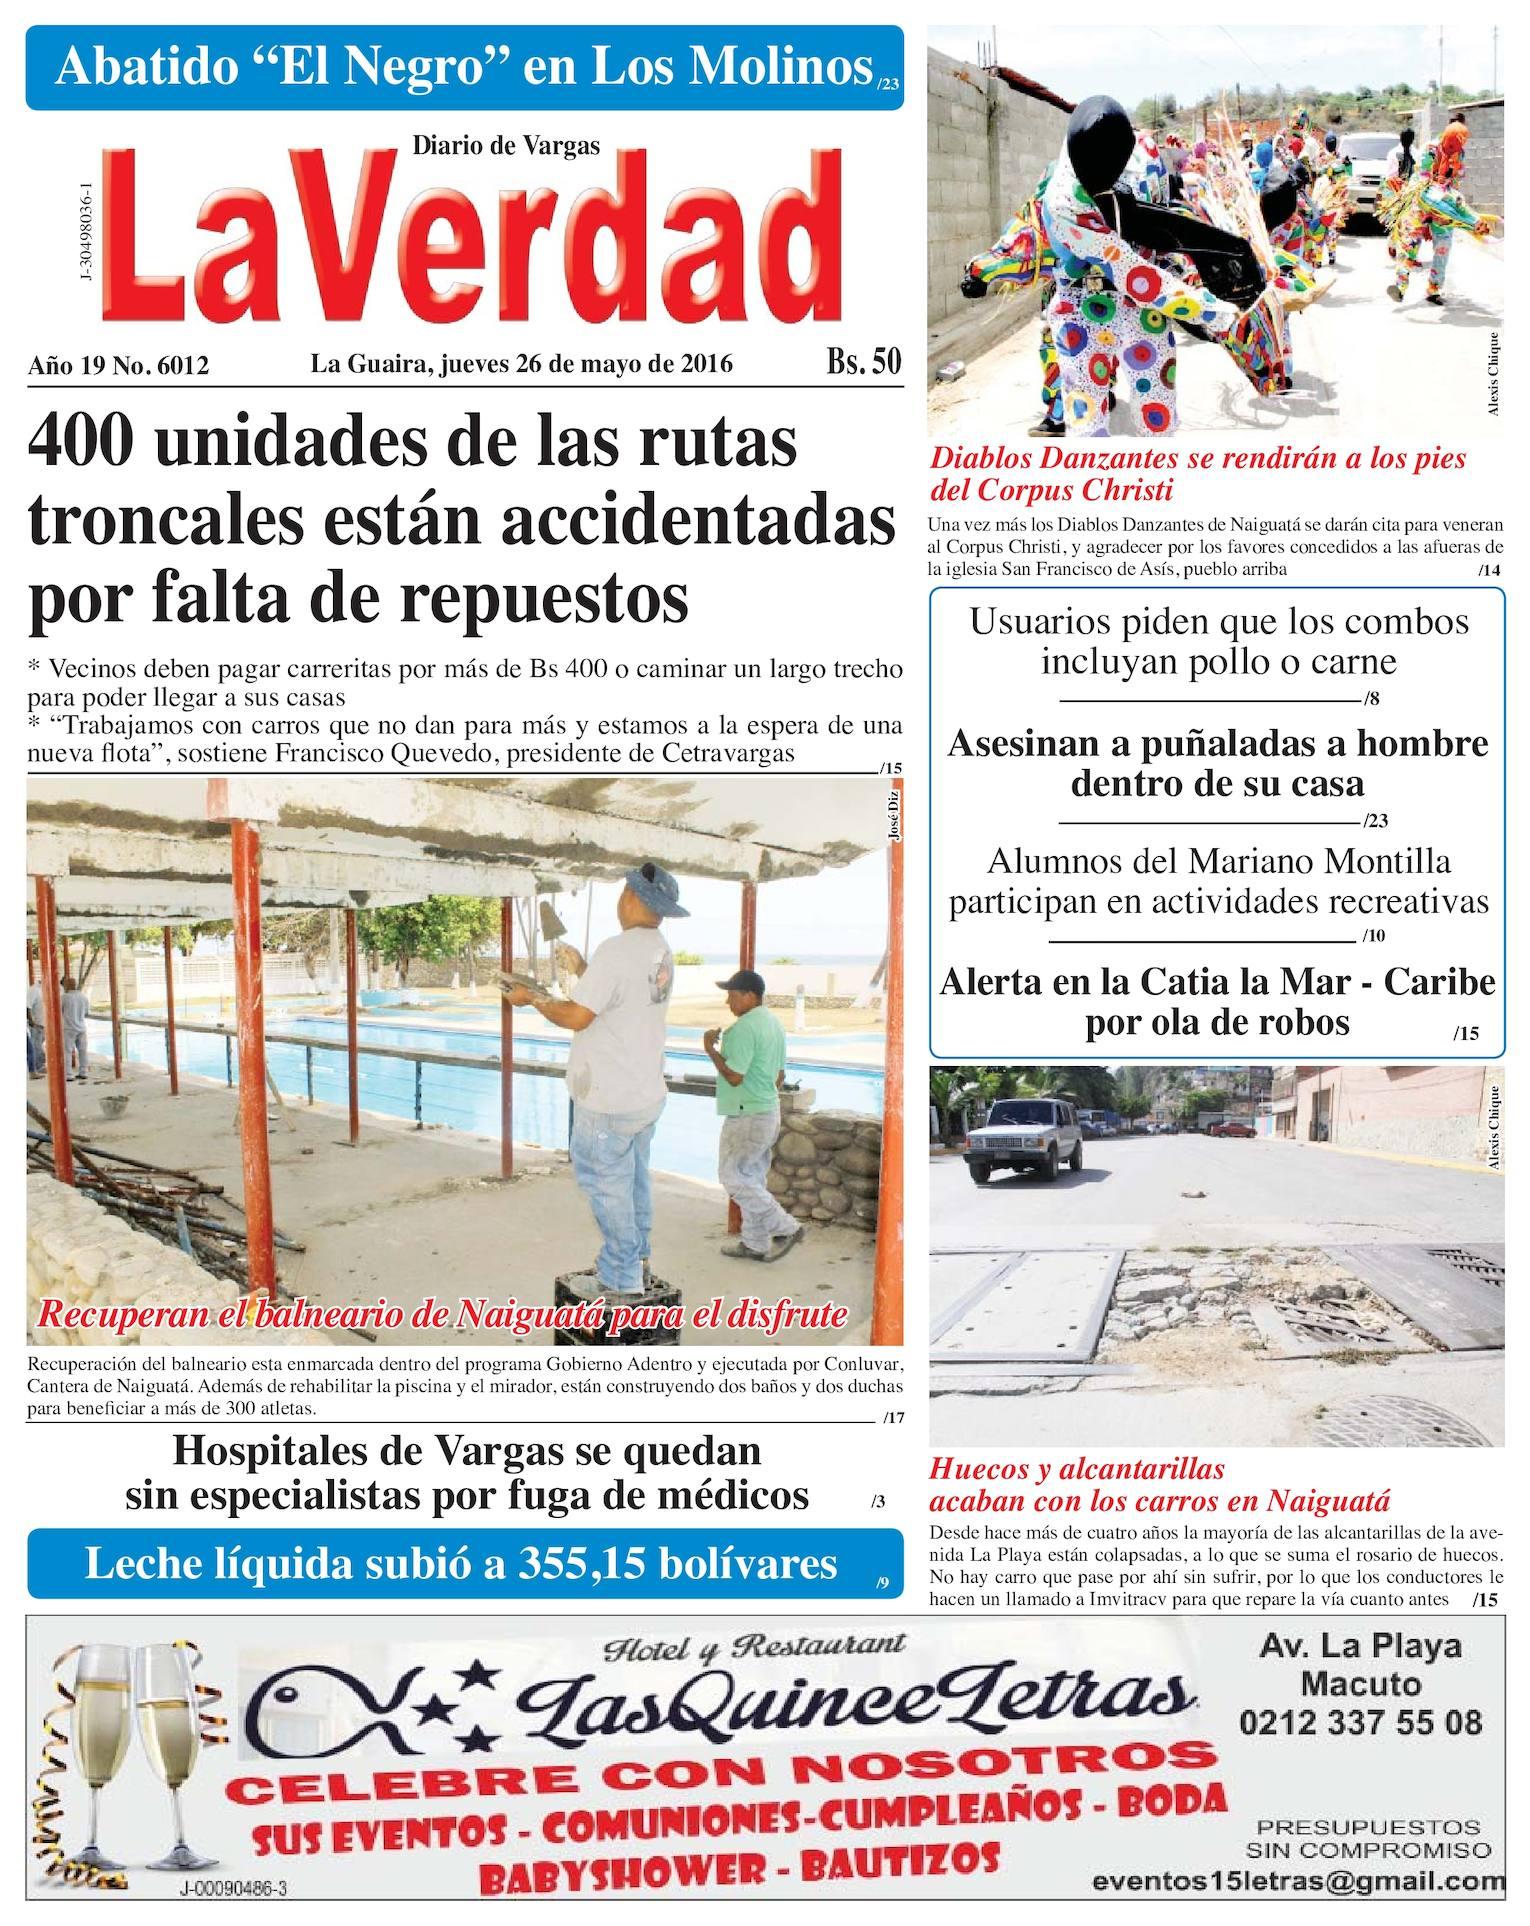 Calaméo - La Guaira, jueves 26 de mayo de 2016 Año 19 Nº.6012 - photo#37